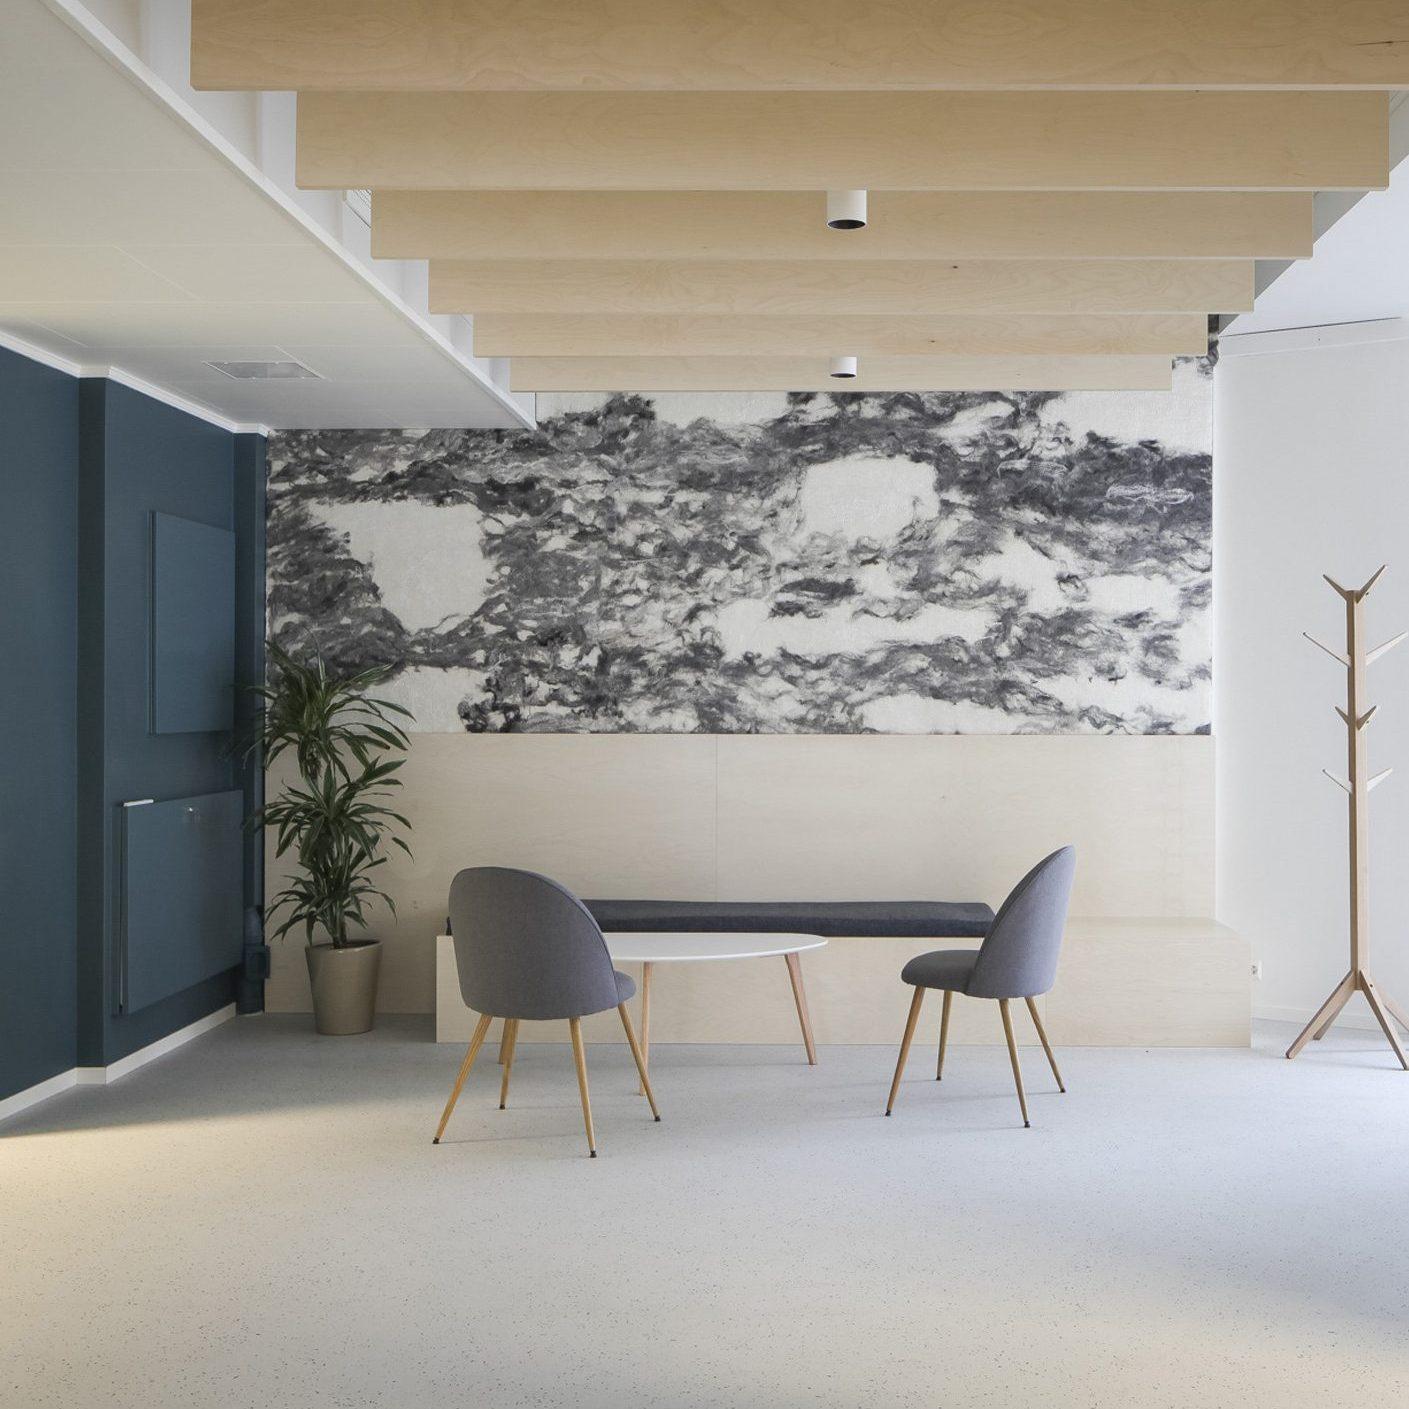 interieurontwerp kantoor zakelijk ontvangstruimte akoestiek hout blauw Scandinavisch interieurarchitect binnenhuisarchitect interieur advies